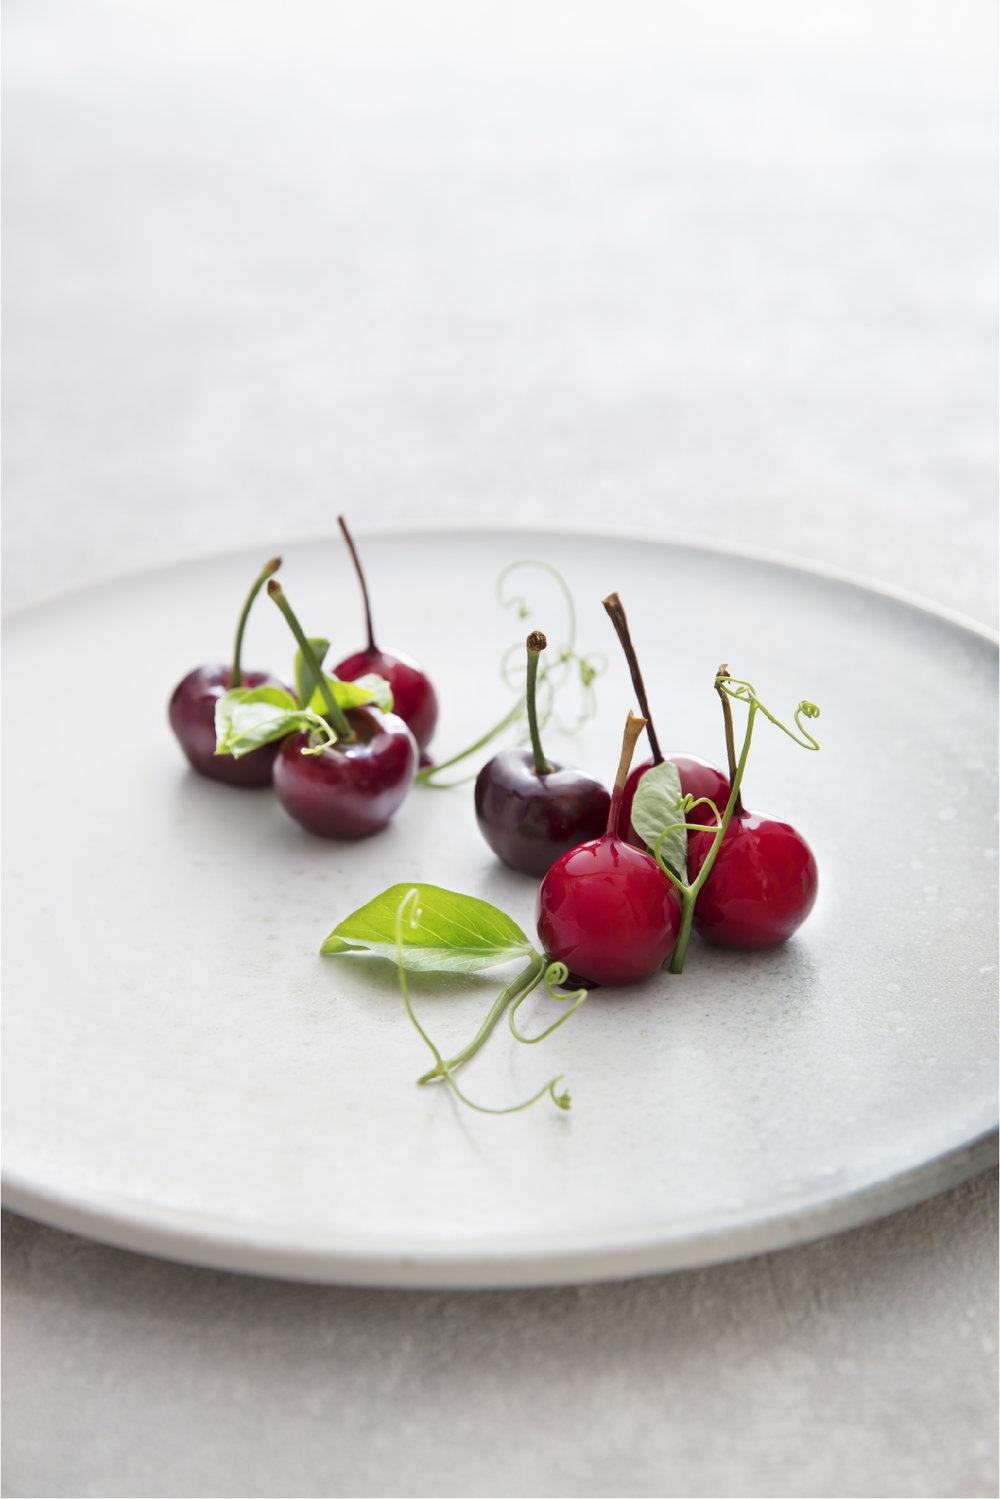 DaDong Cherry Foie Gras.jpg